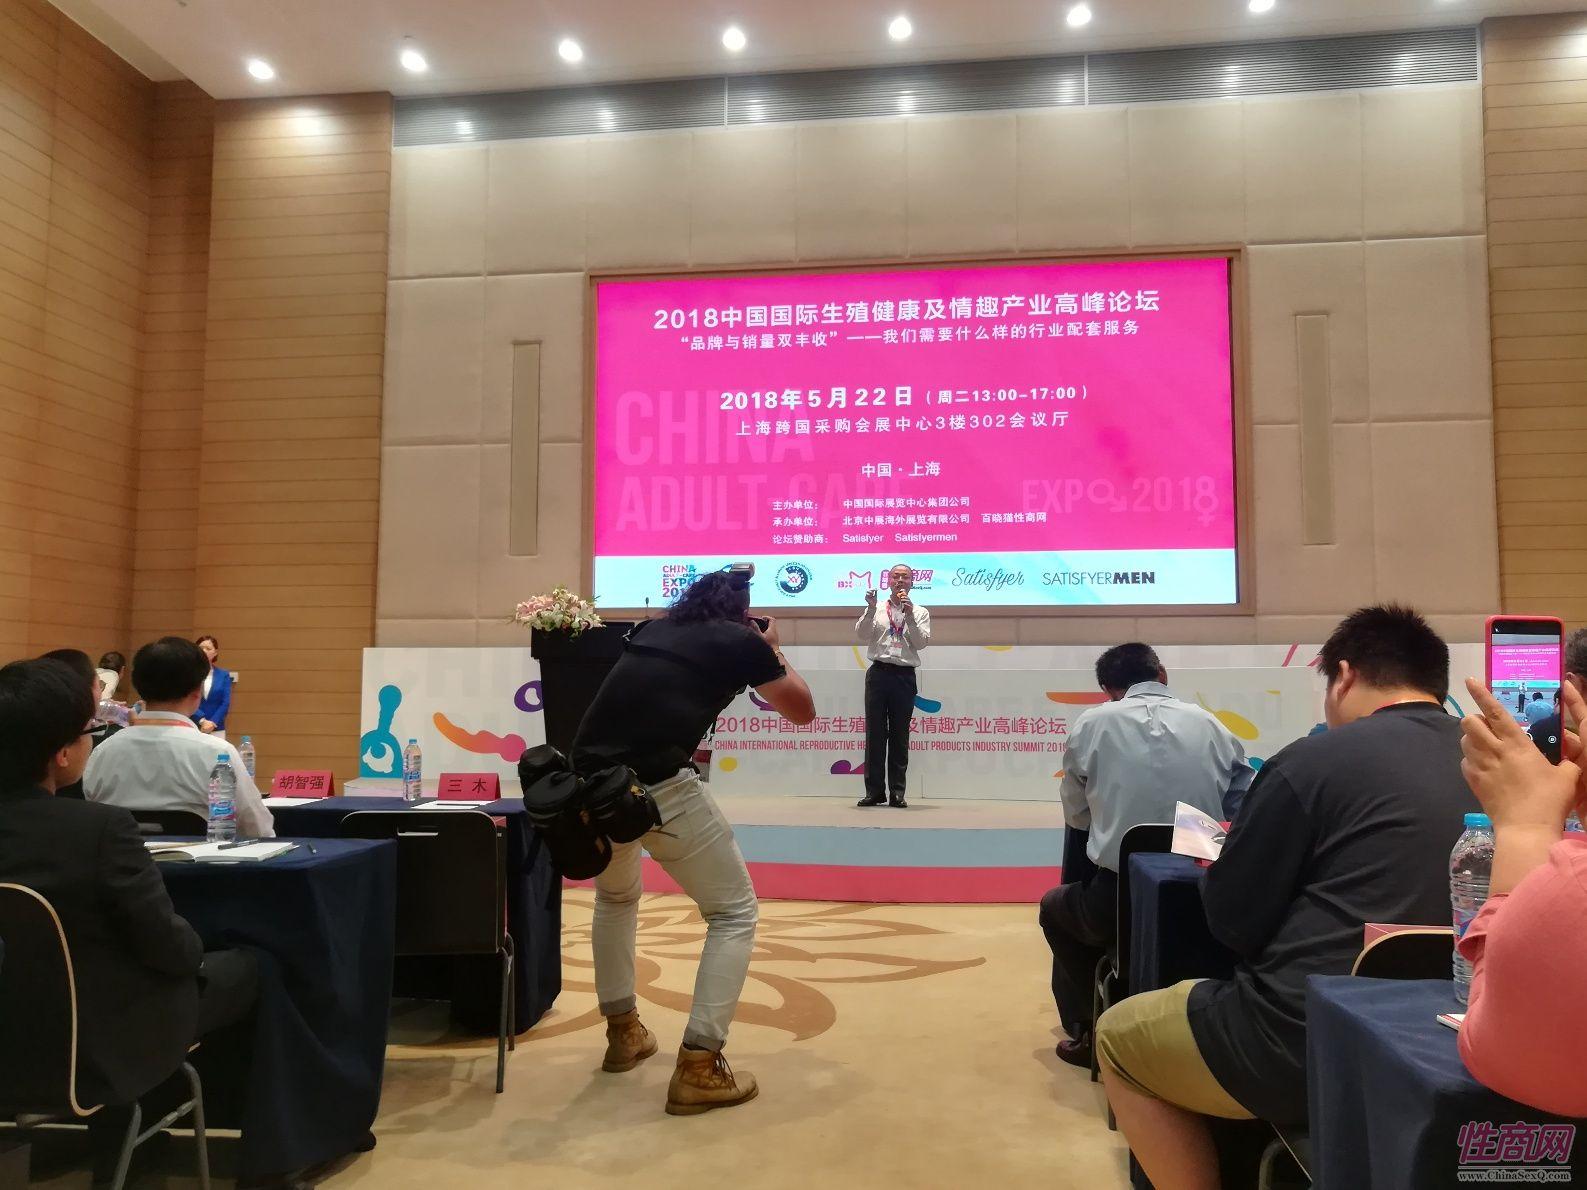 18上海成人展-高峰论坛 (35)